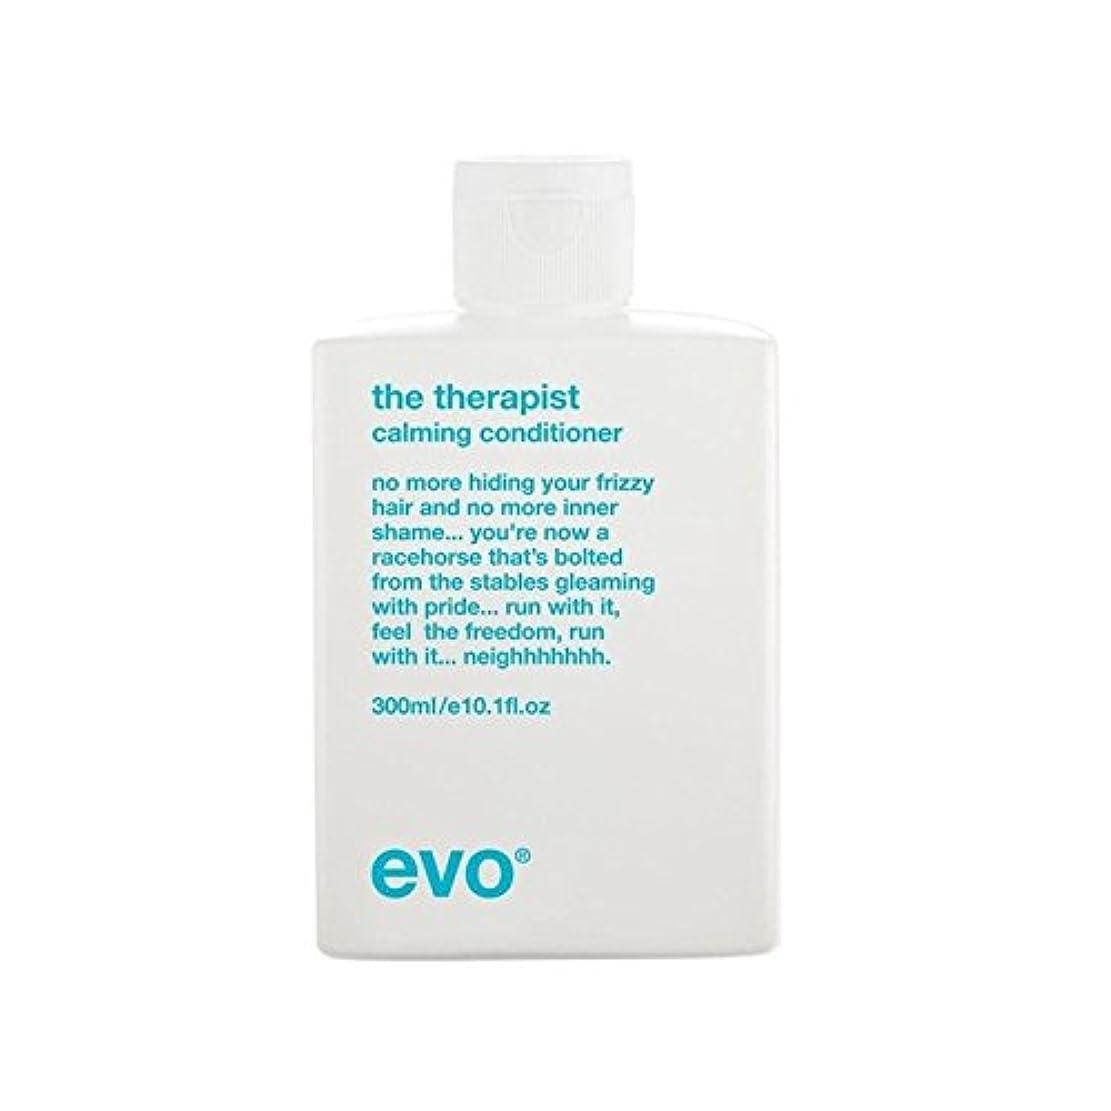 十代ハウジング視線セラピスト沈静コンディショナー(300ミリリットル) x4 - Evo The Therapist Calming Conditioner (300ml) (Pack of 4) [並行輸入品]